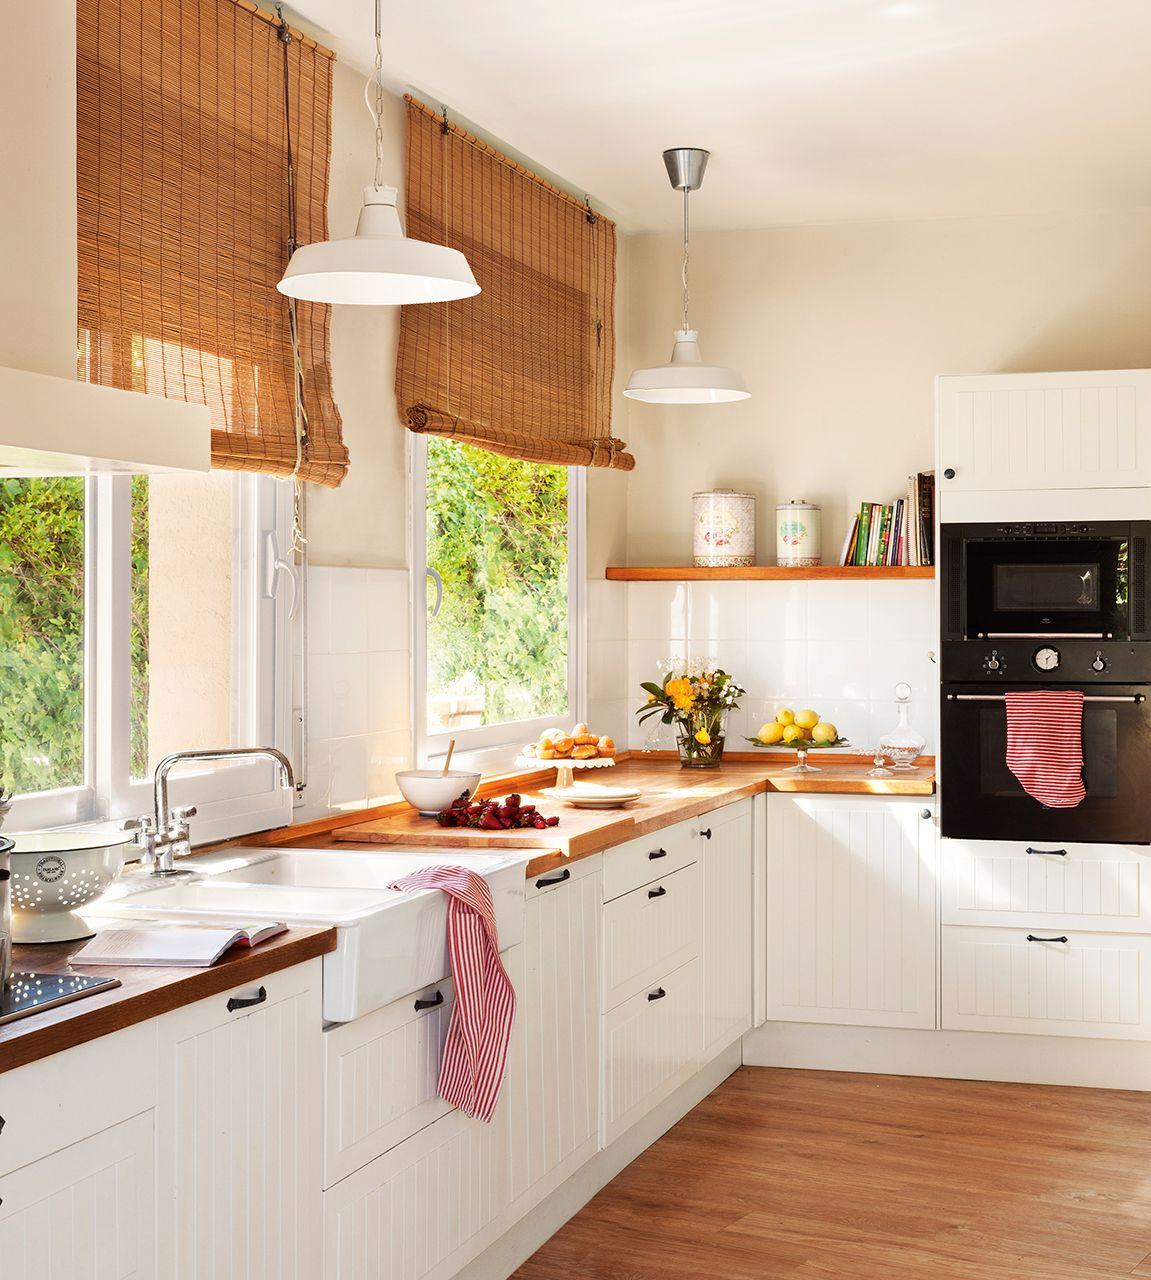 Grandes ideas para cocinas pequeñas | Decoracion para cocinas ...